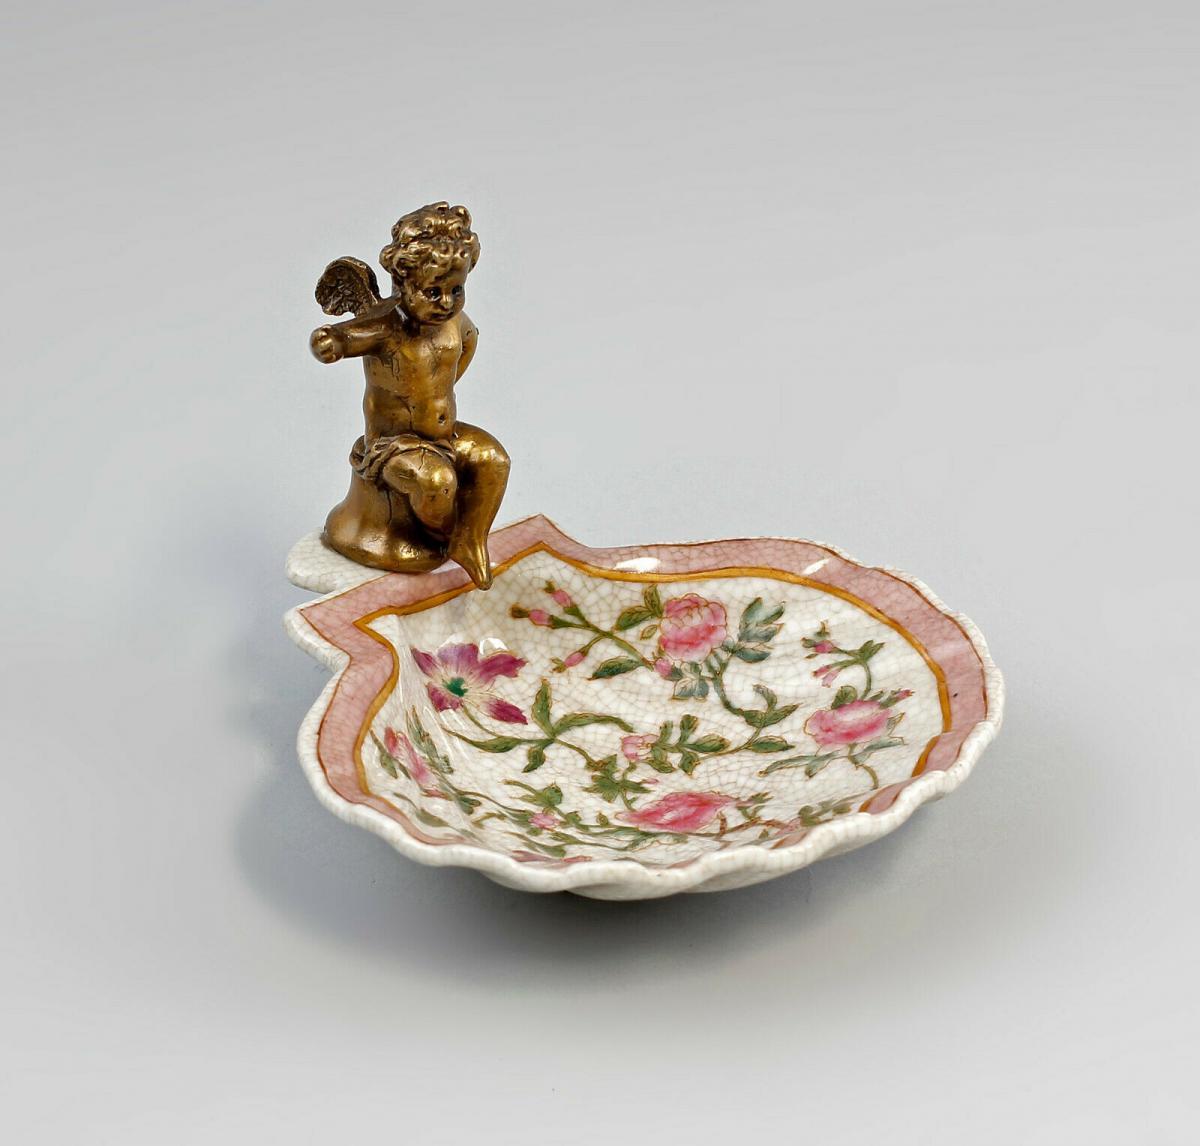 9937900-dss Keramik Messing Muschelschale mit Putto Blumen Jugendstil